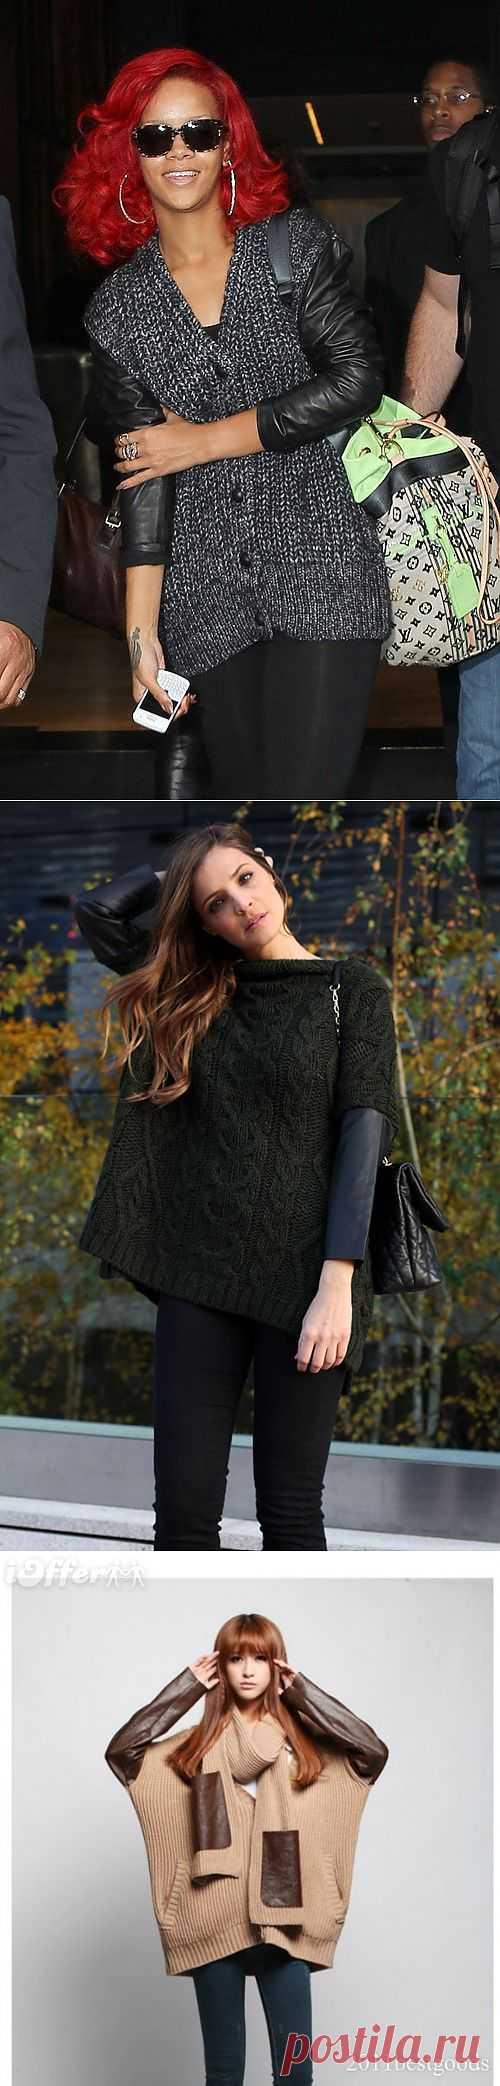 Свитер (подборка) / Свитер / Модный сайт о стильной переделке одежды и интерьера